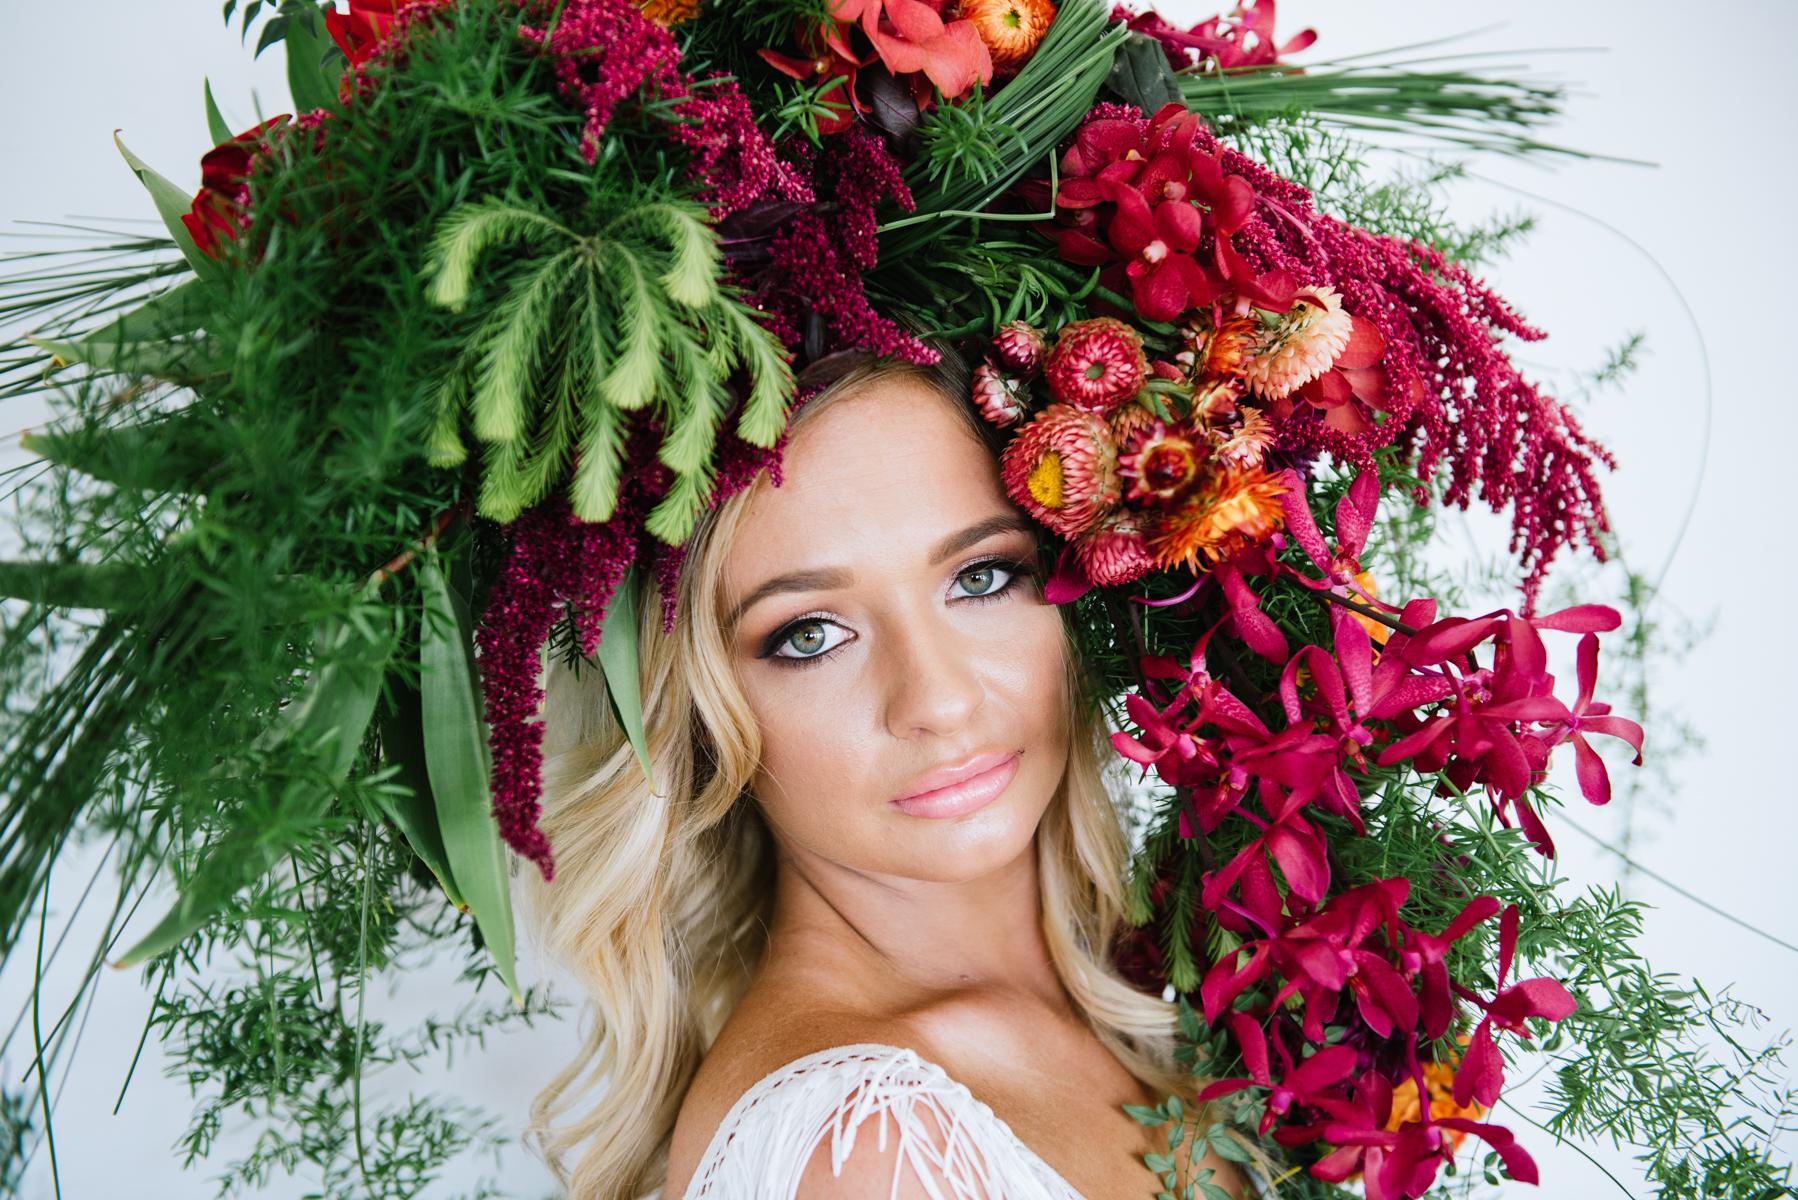 babalou-wedding- skyla sage photography weddings, families, byron bay,tweed coast,kingscliff,cabarita,gold coast-375.jpg